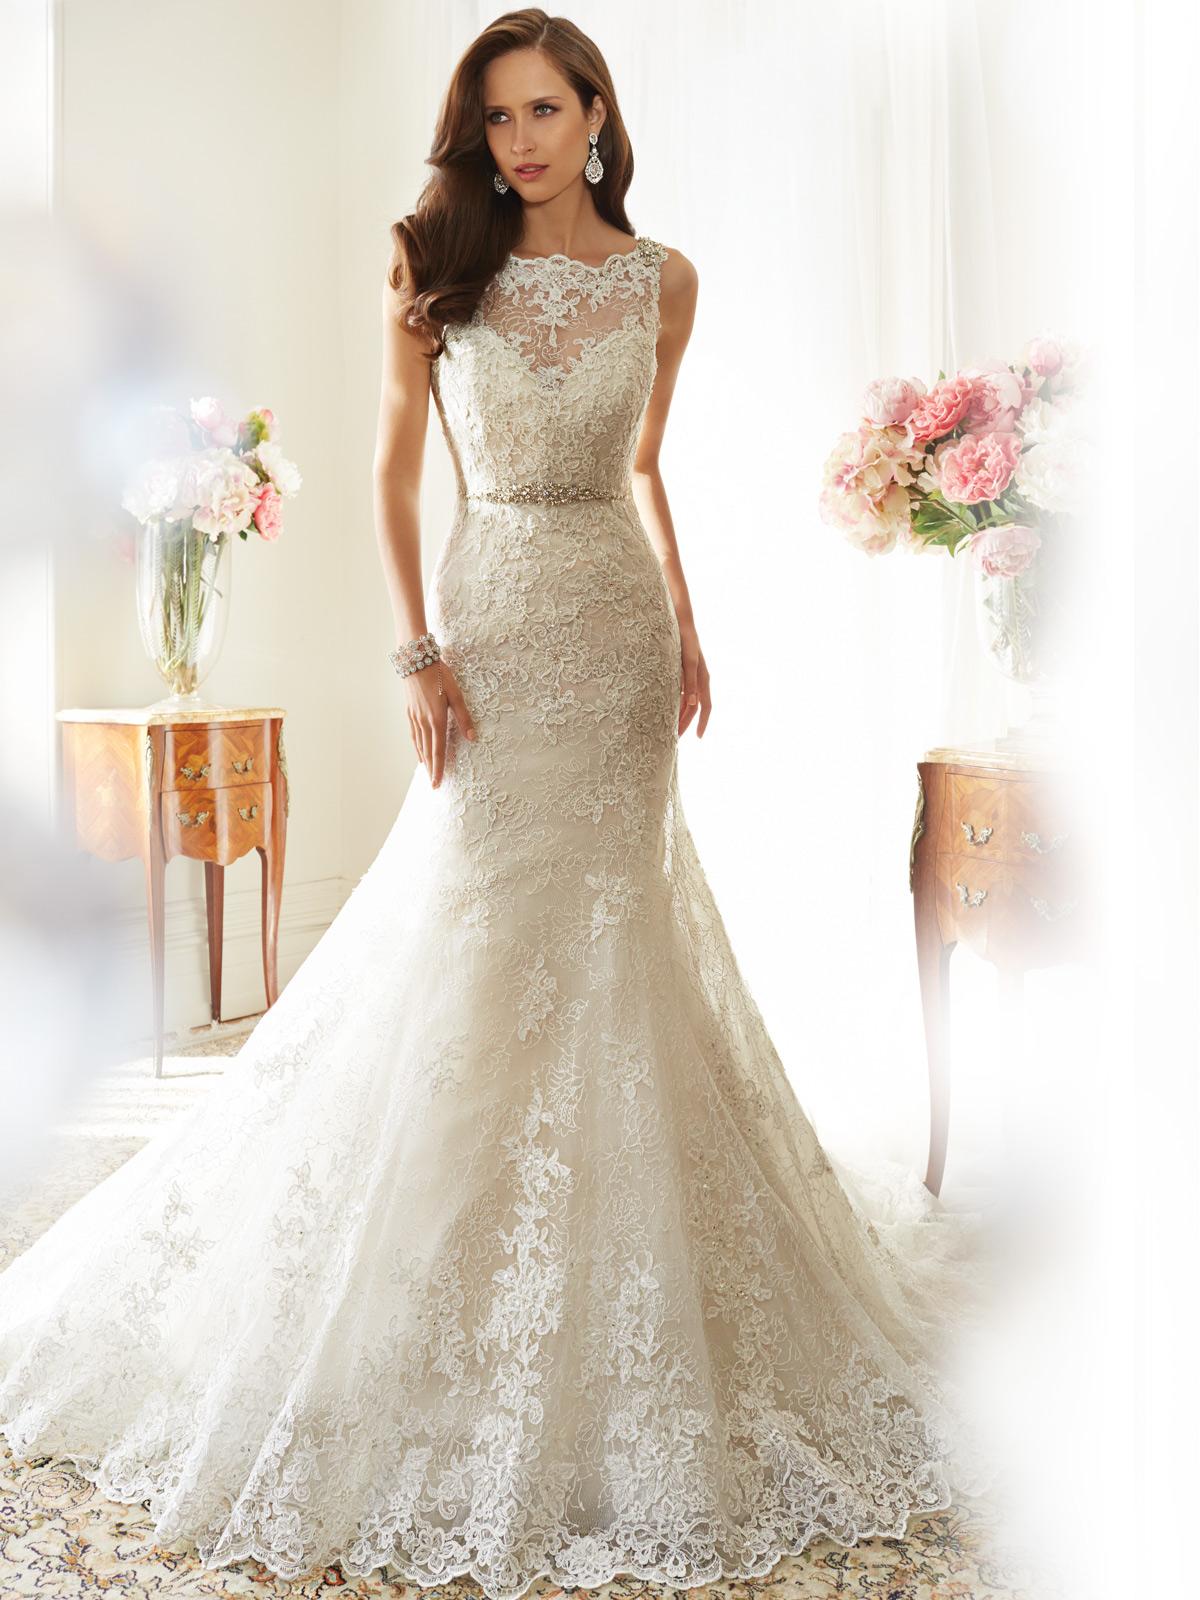 ... und Bräutigammoden.: Edle Brautkleider aus Spitze. Zeitlose Spitze